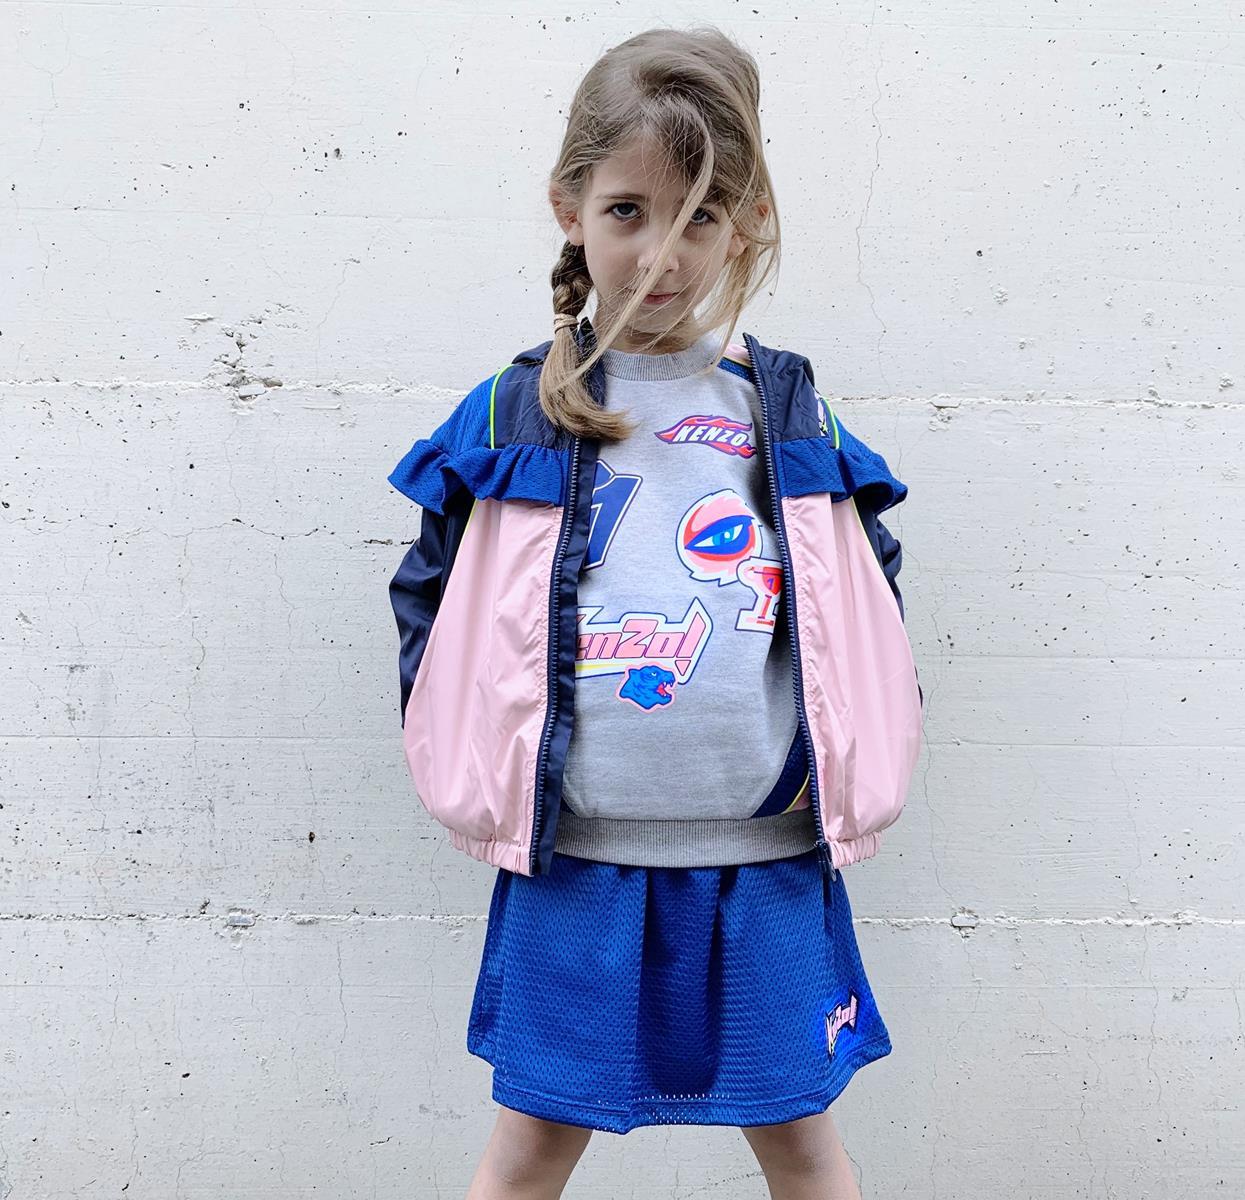 vestiti-per-bambini-giubbotti-firmati